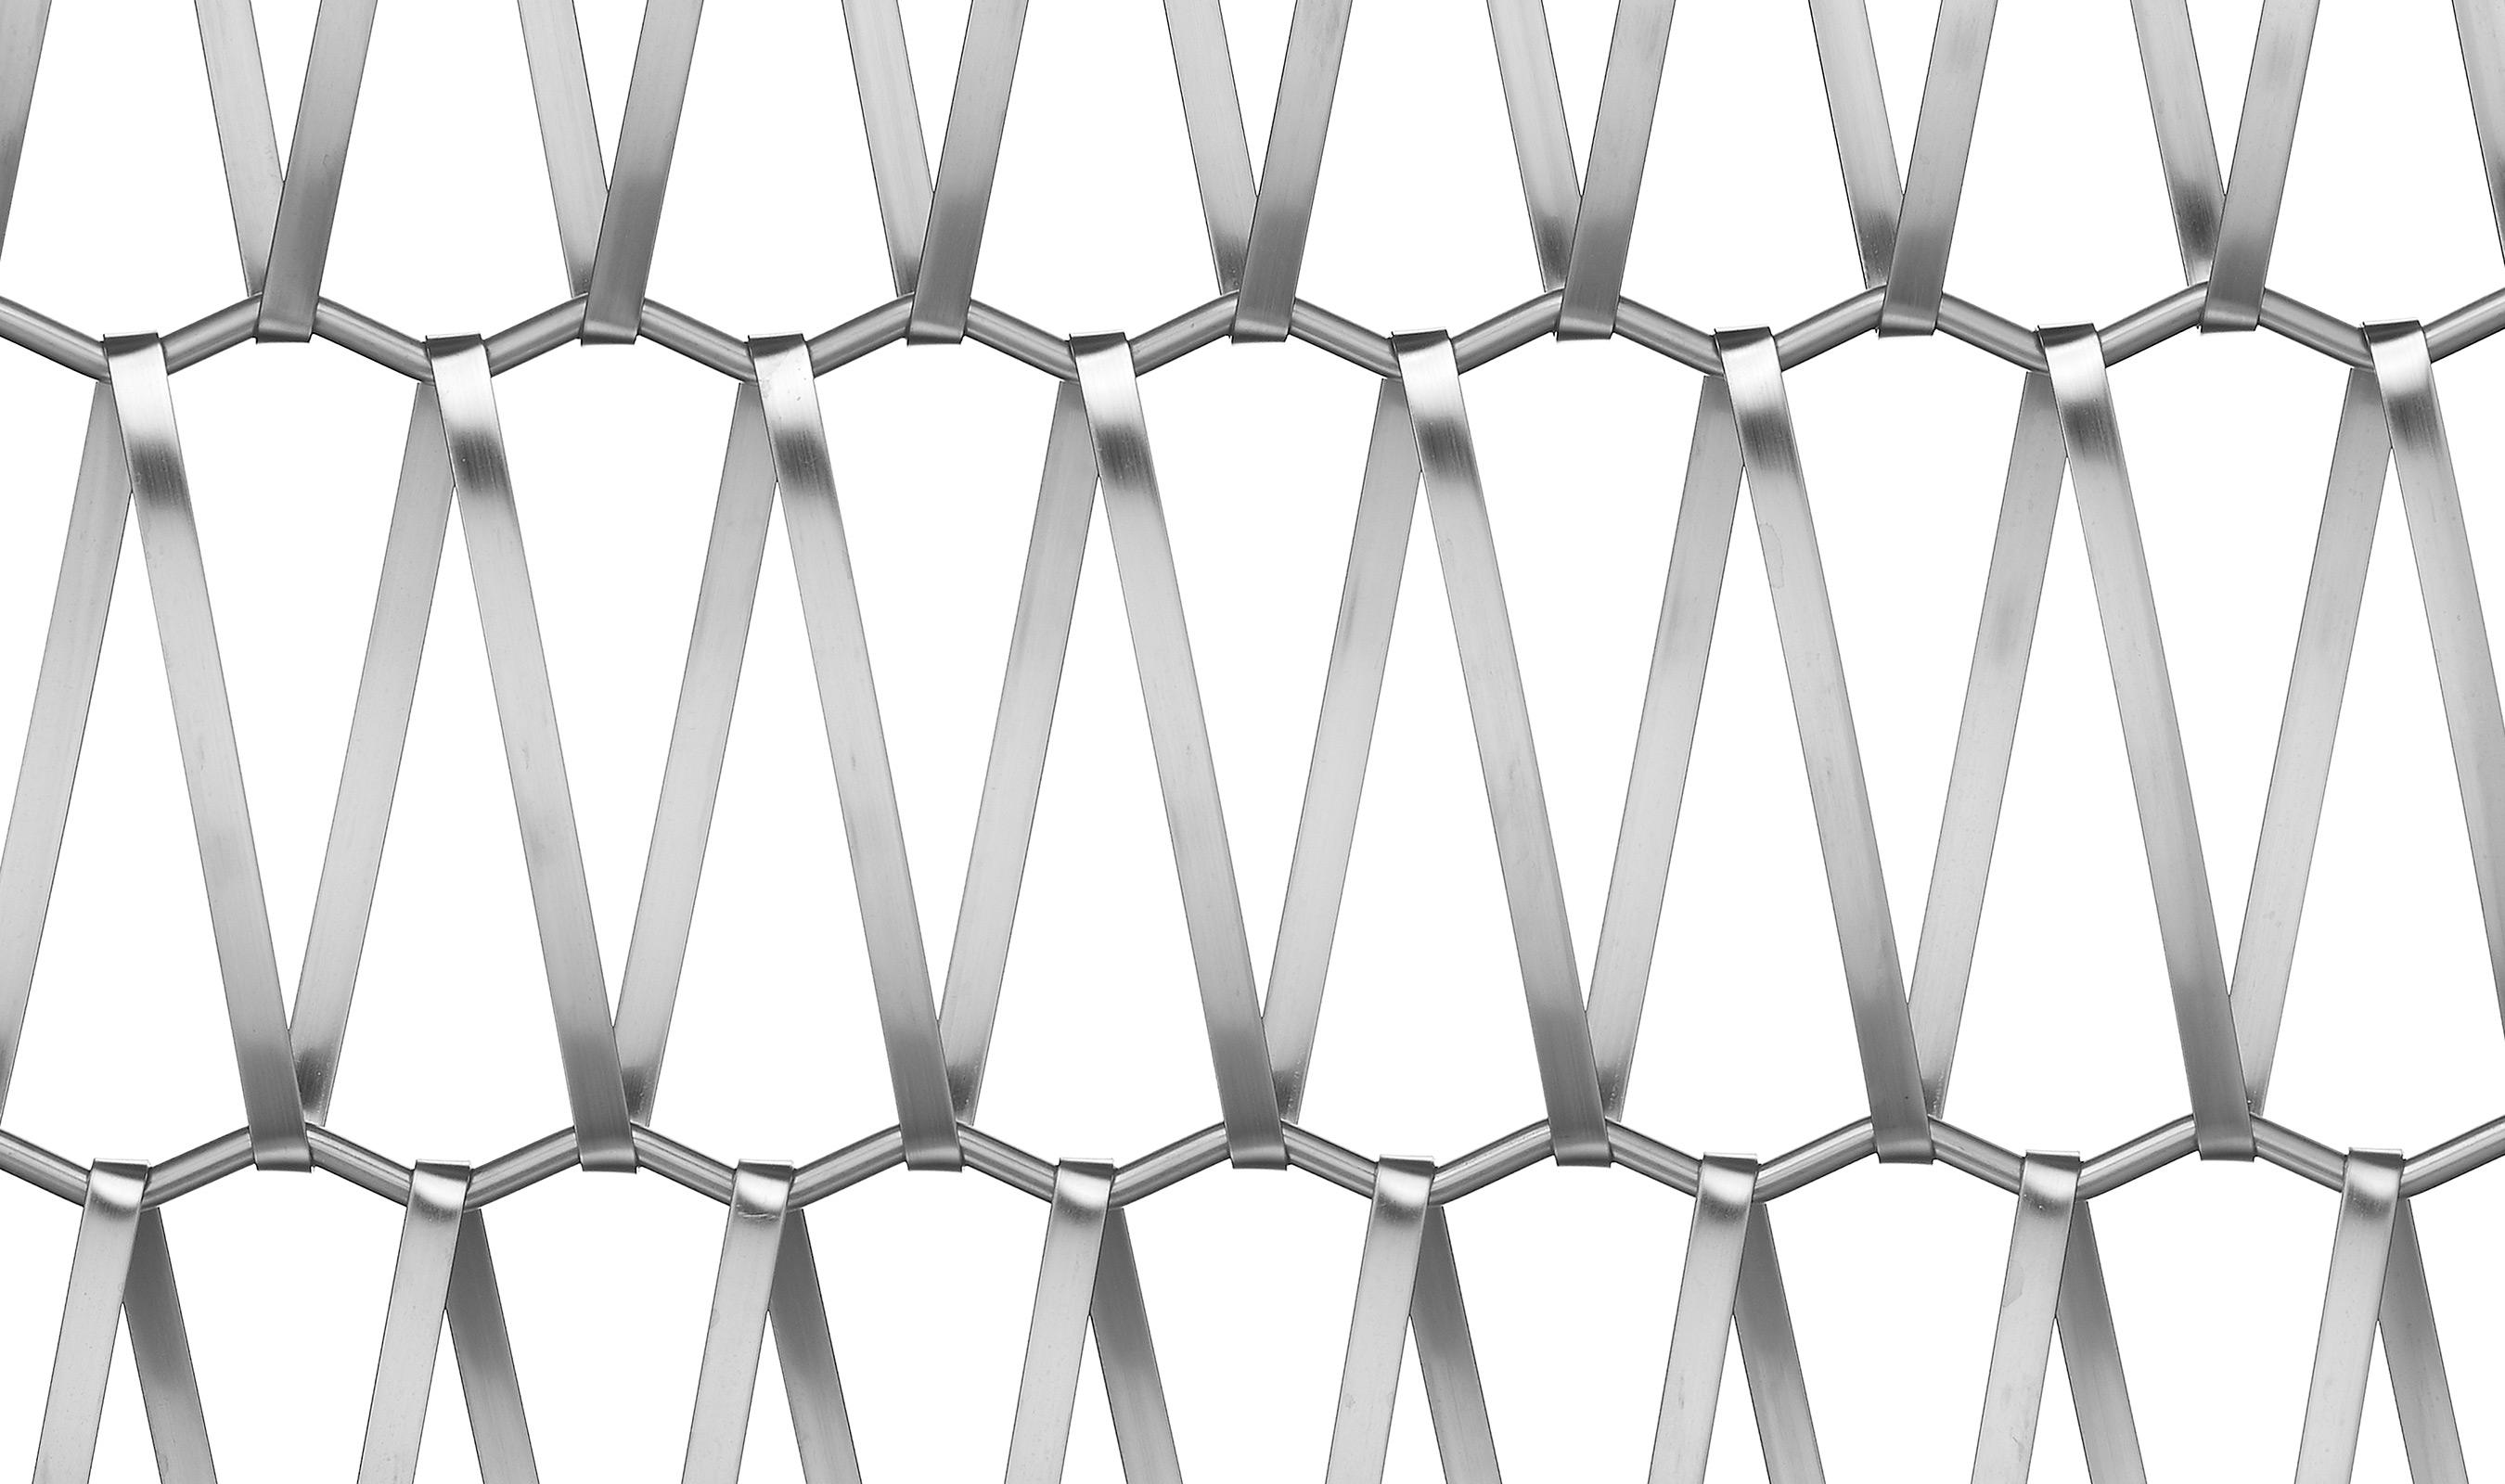 DUNE 40100 Stainless Flexible mesh